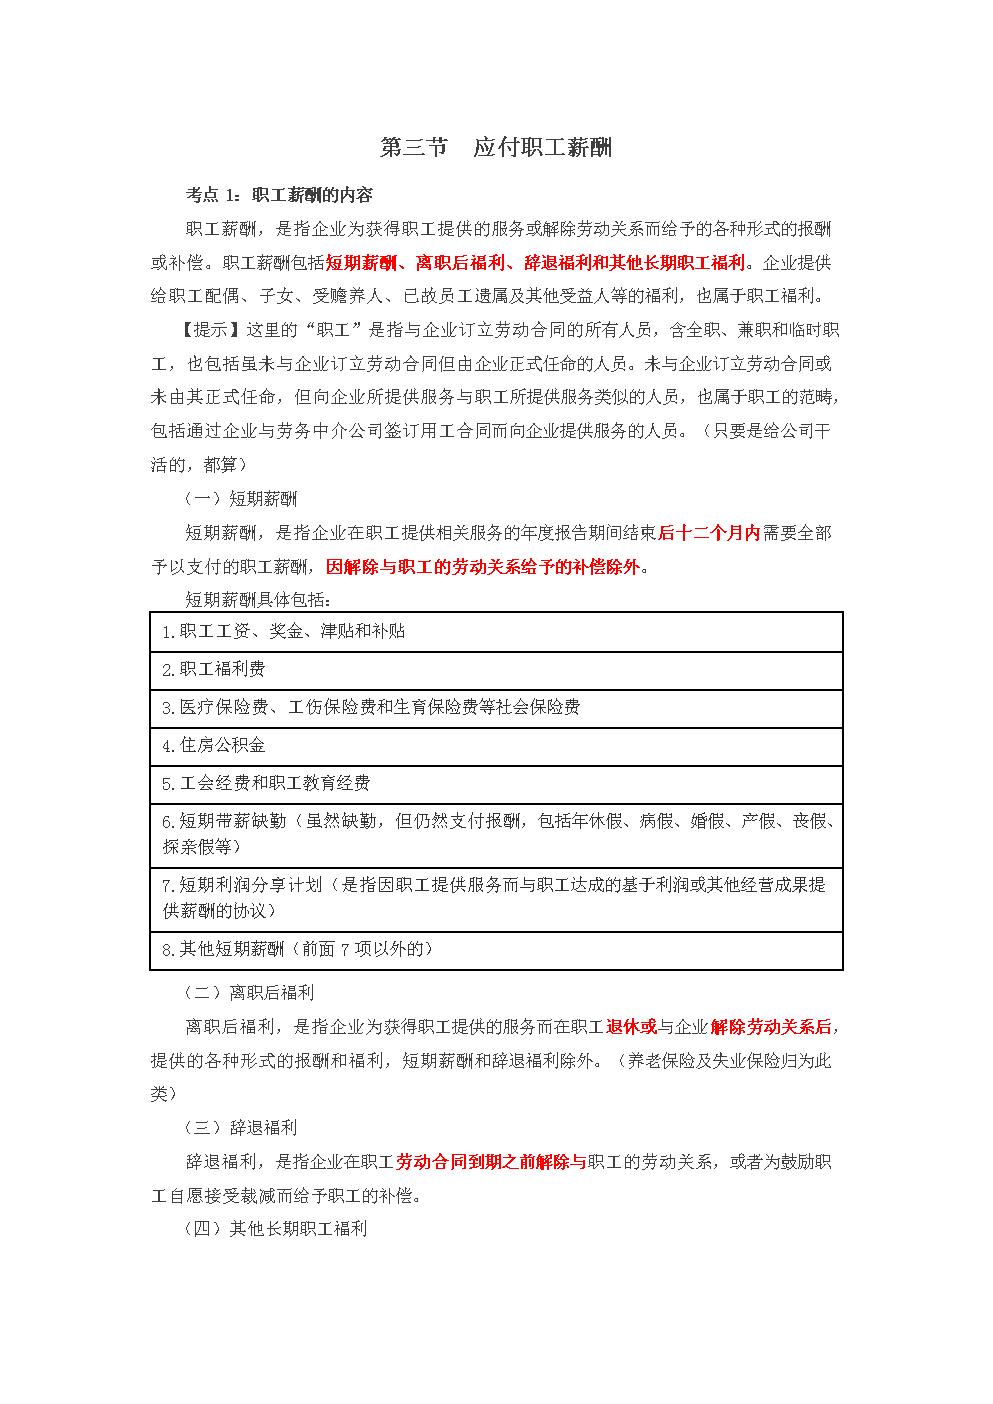 会计实务第三章第三、四节应付职工薪酬及应交税费.doc